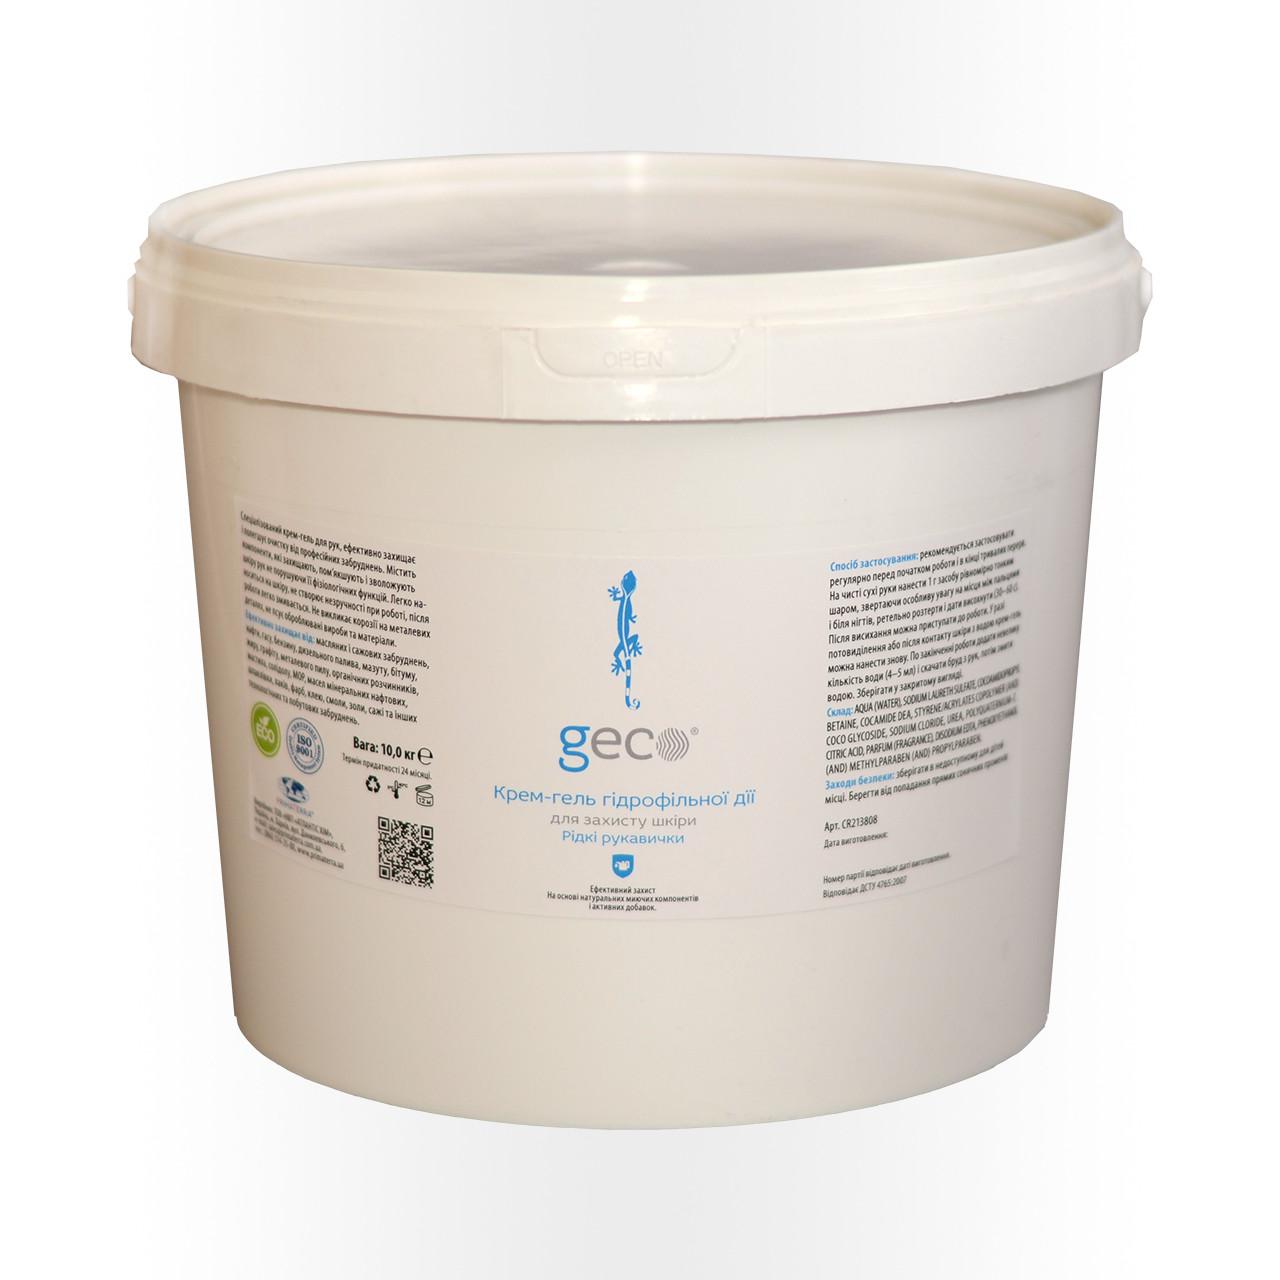 Жидкие перчатки PROTECTION GECO, крем-гель гидрофильный, 10 кг